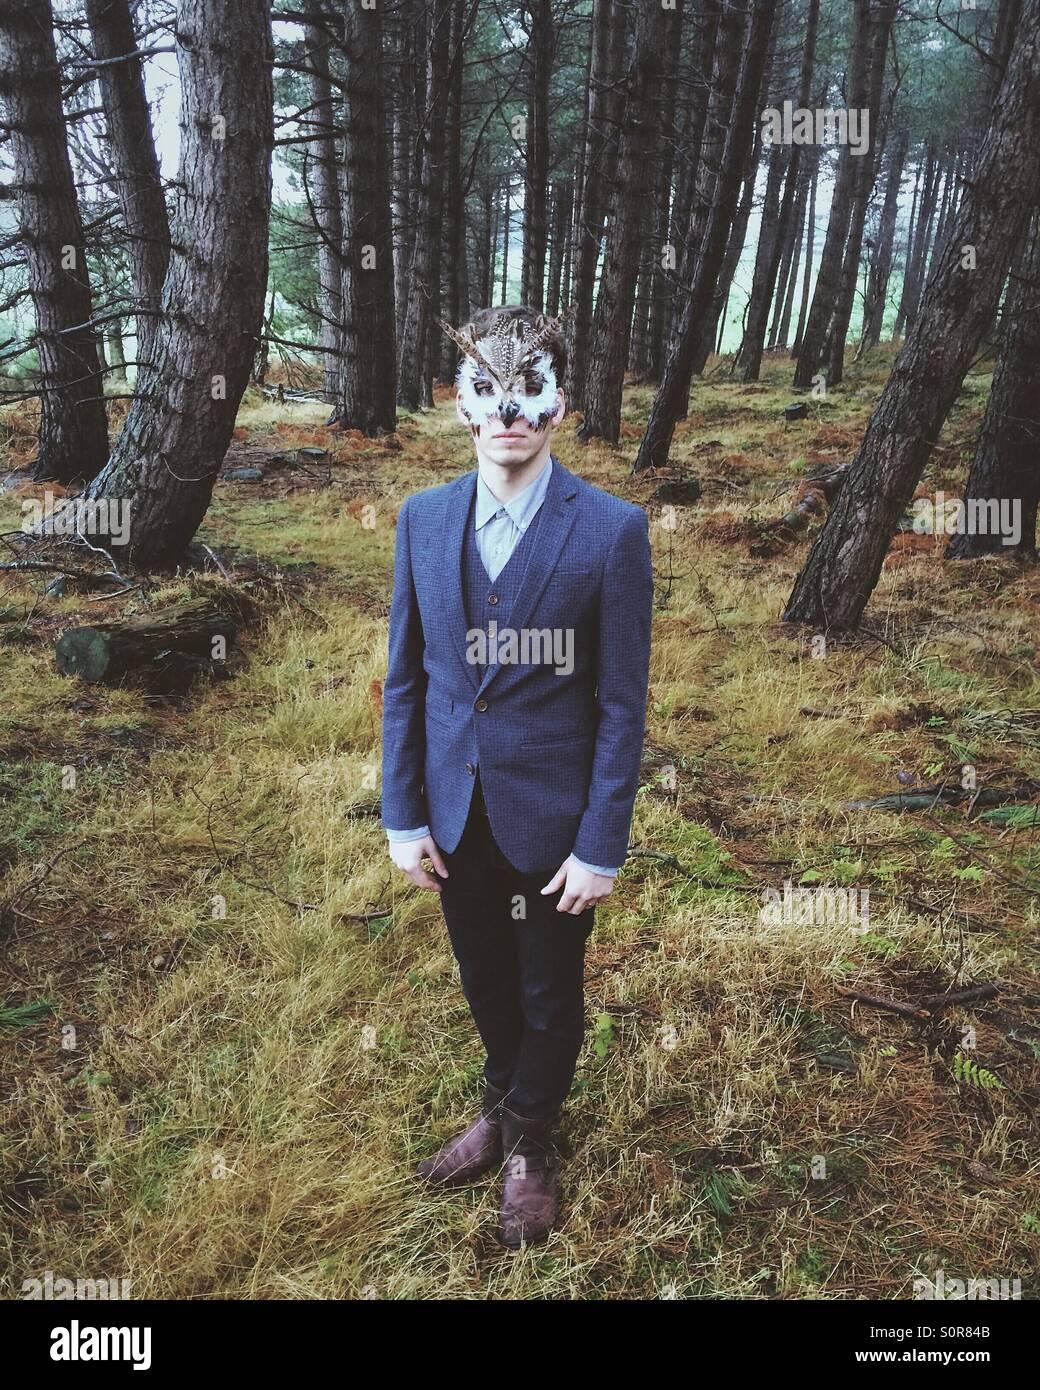 Un jeune homme portant un hibou masquerade mask dans une forêt. Photo Stock